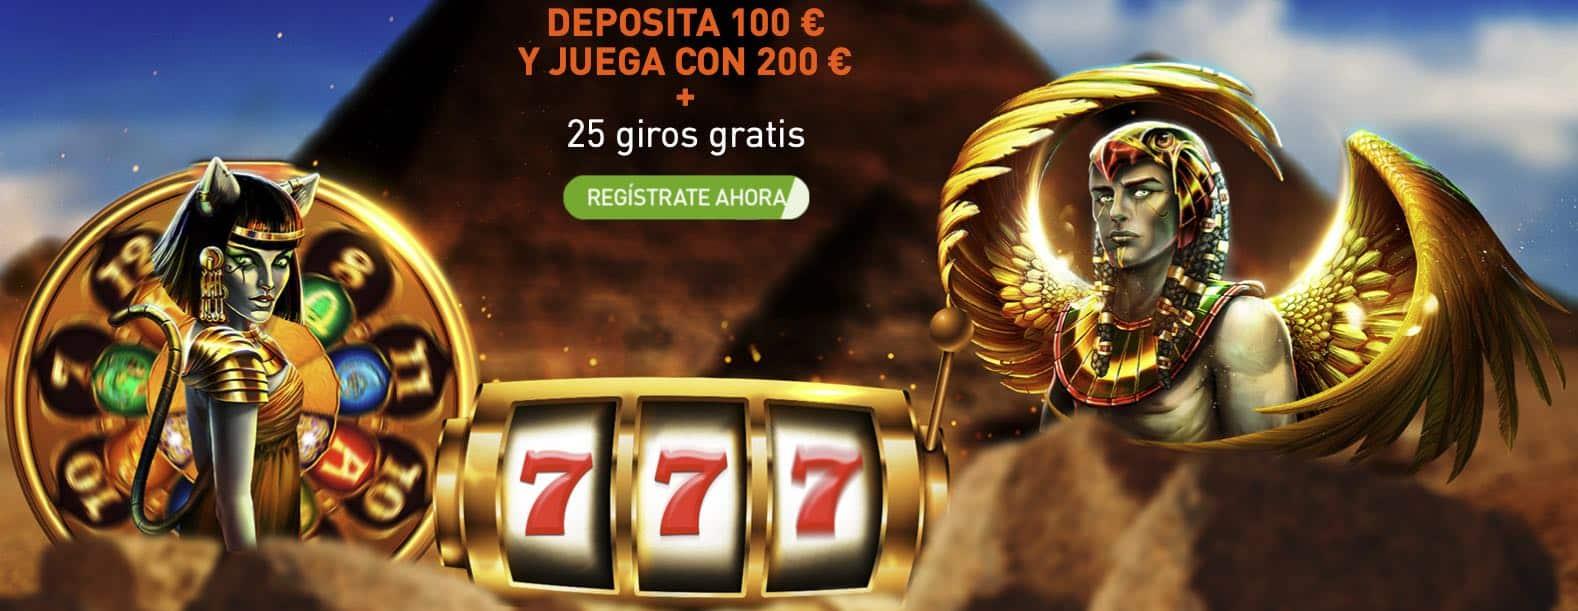 Casino 777 bono 200